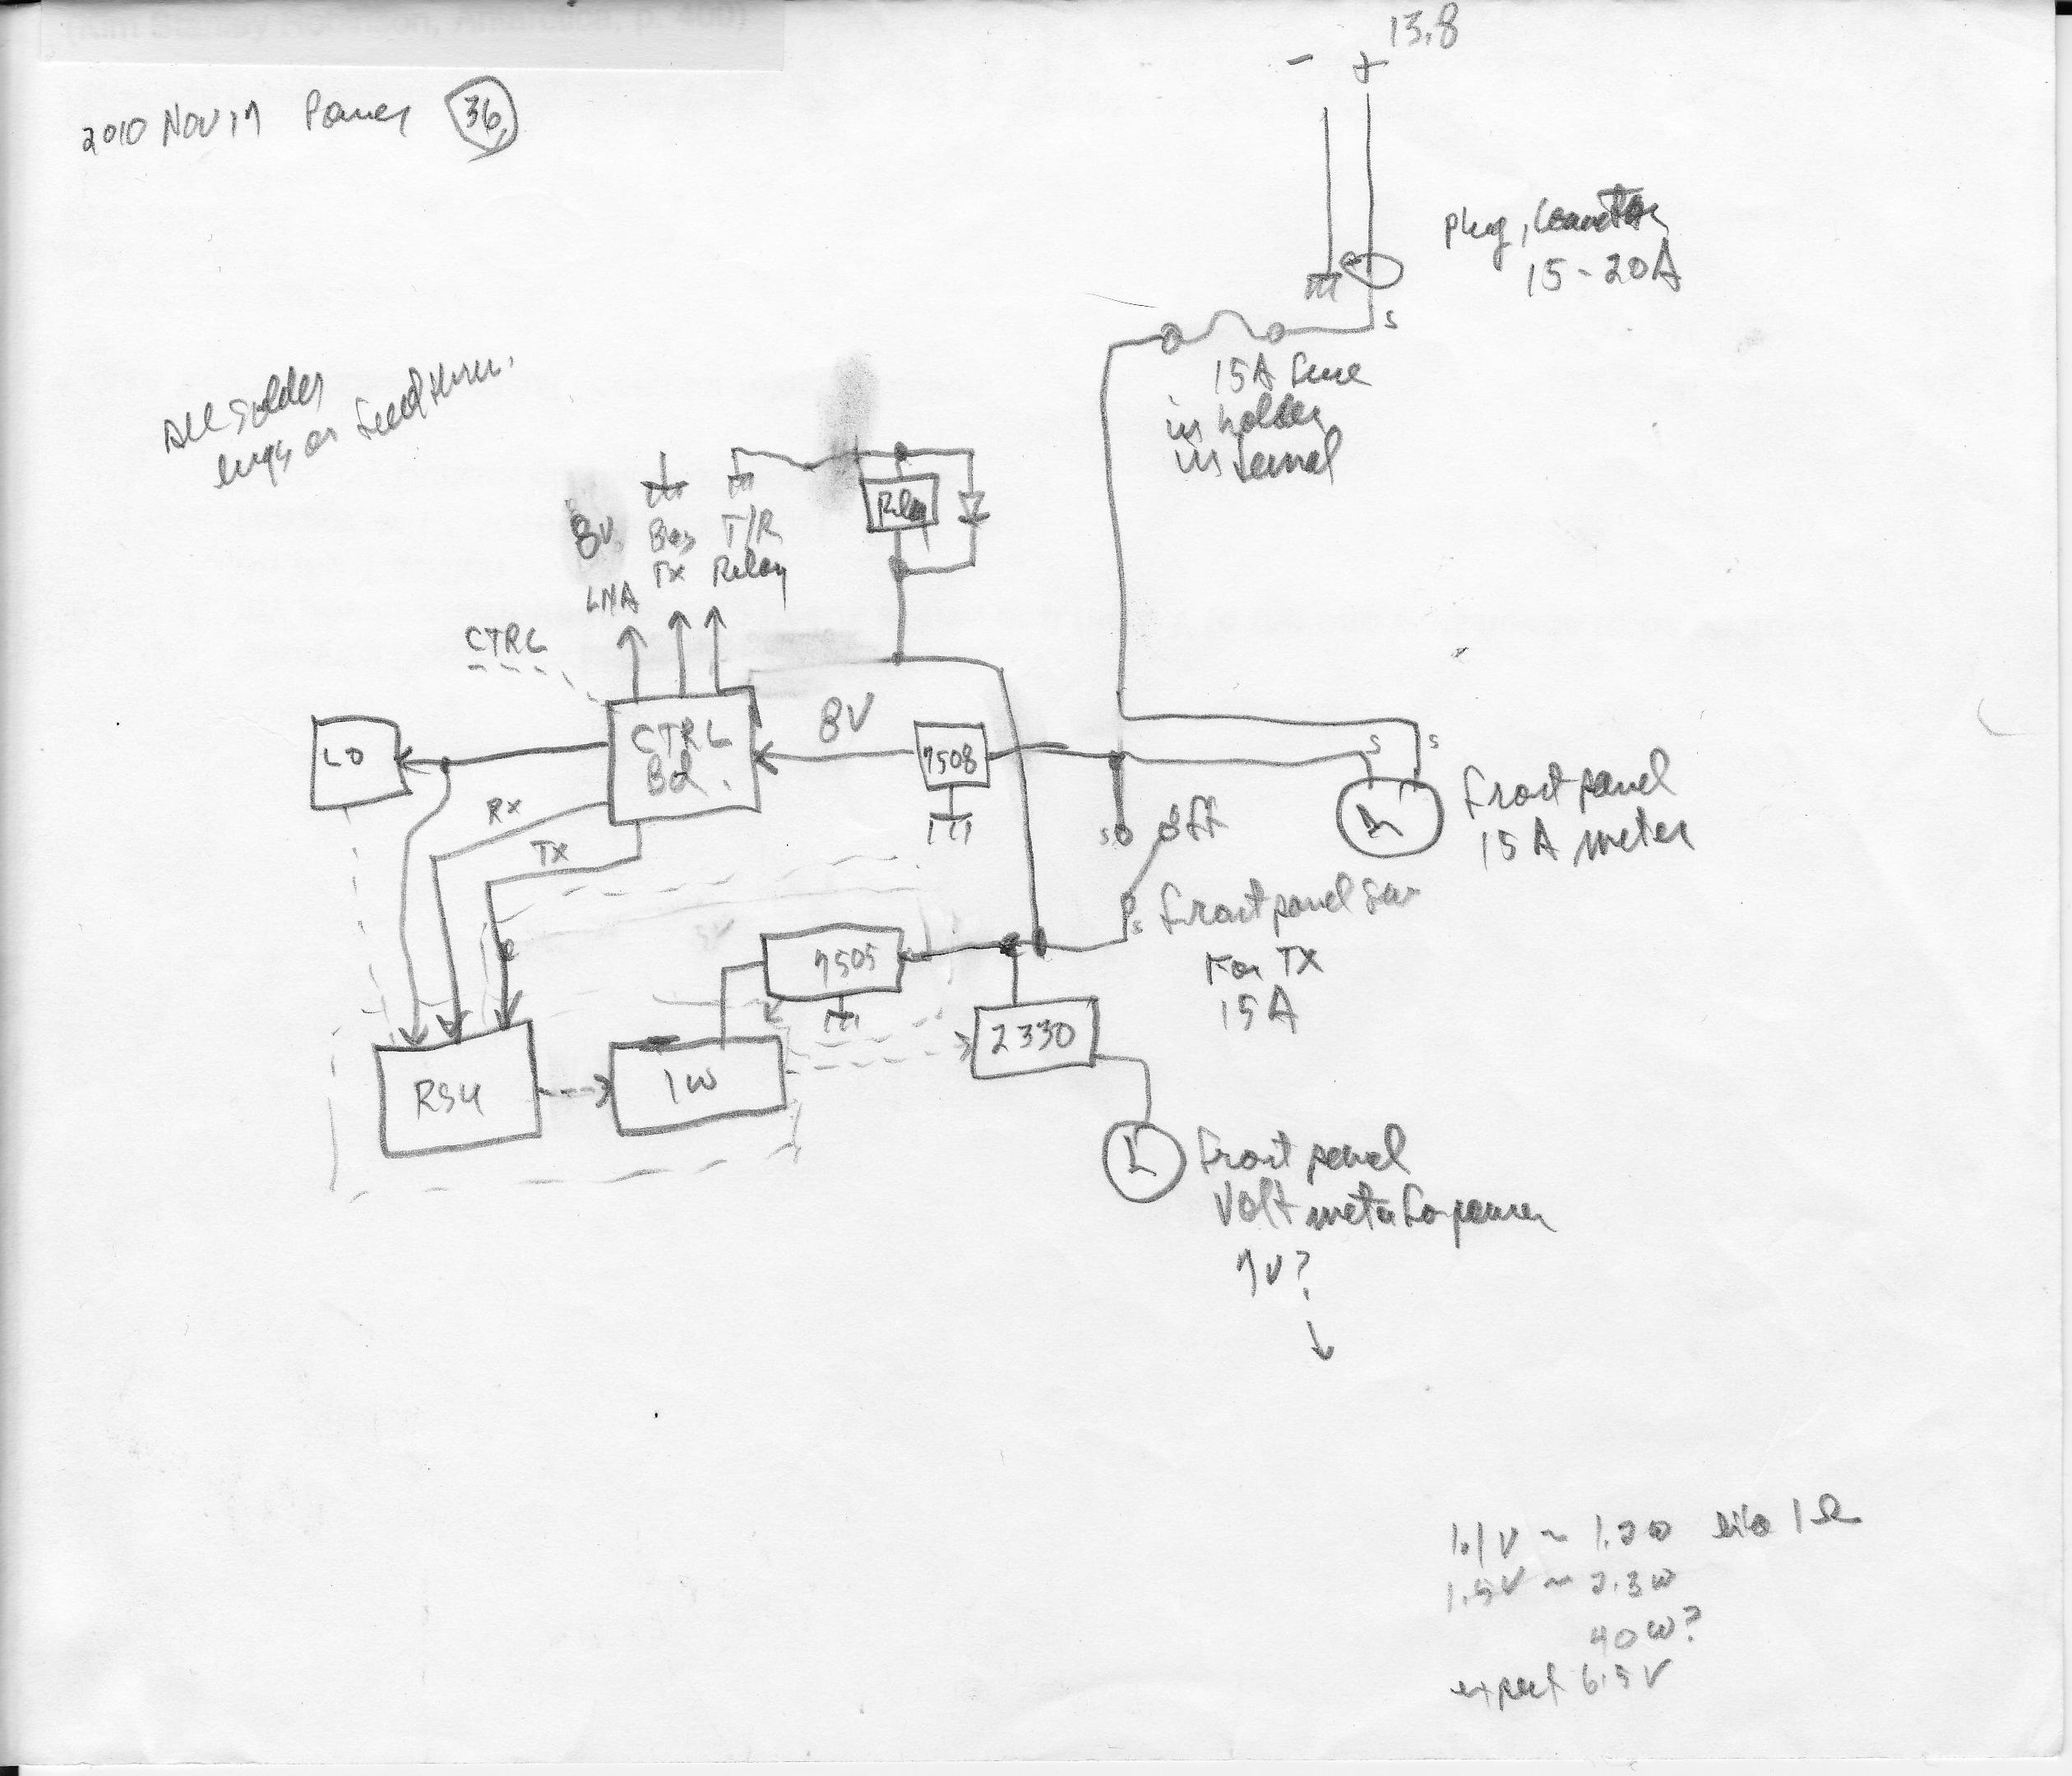 K9 car alarm wiring diagram k9 free wiring diagrams wiring diagram